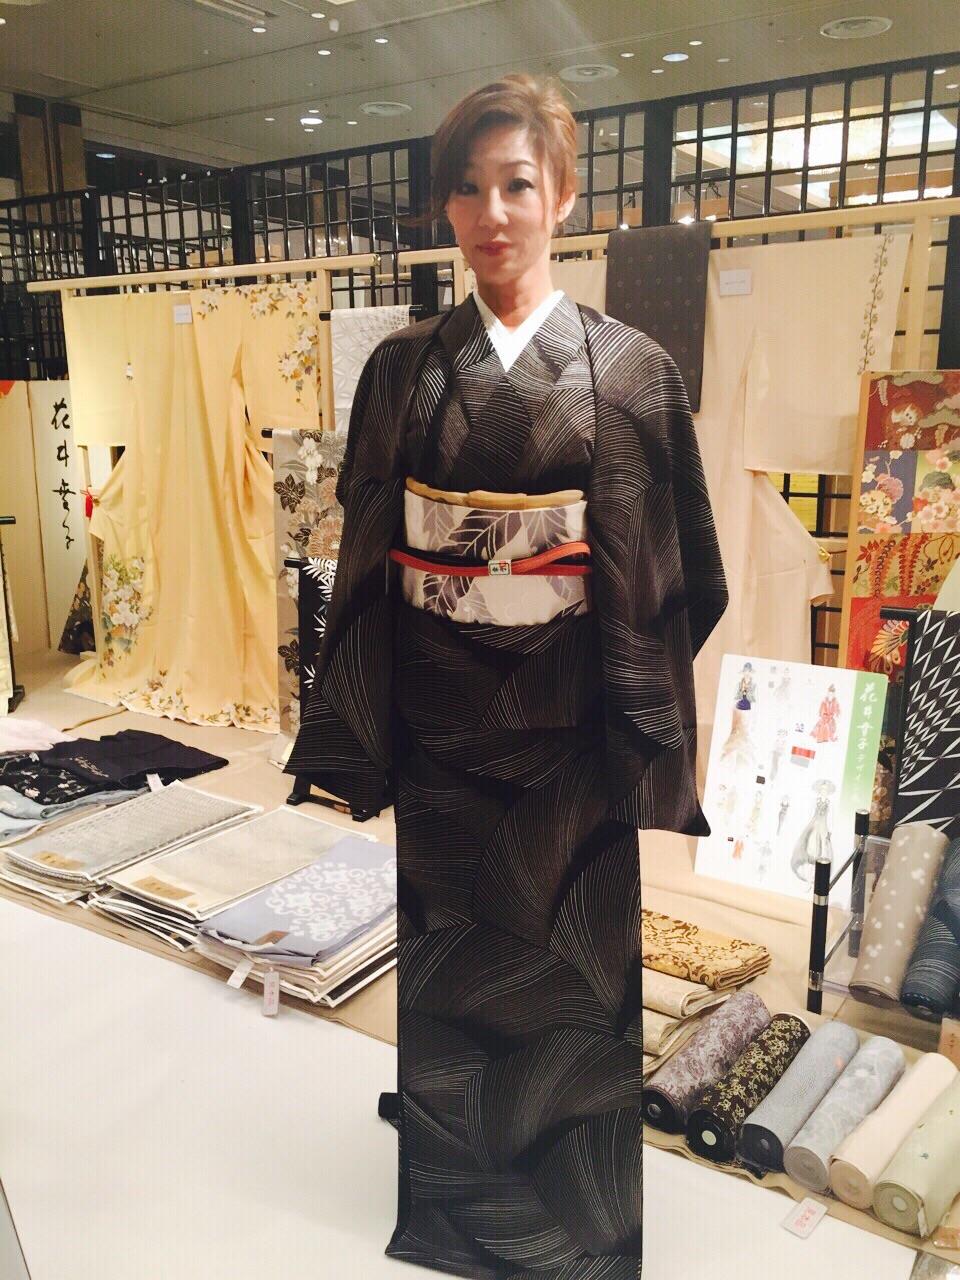 ★会員さま限定★和服が似合う日本美人を目指そう!【美姿勢&着物(着付け)~ランチ会~】大集合♪